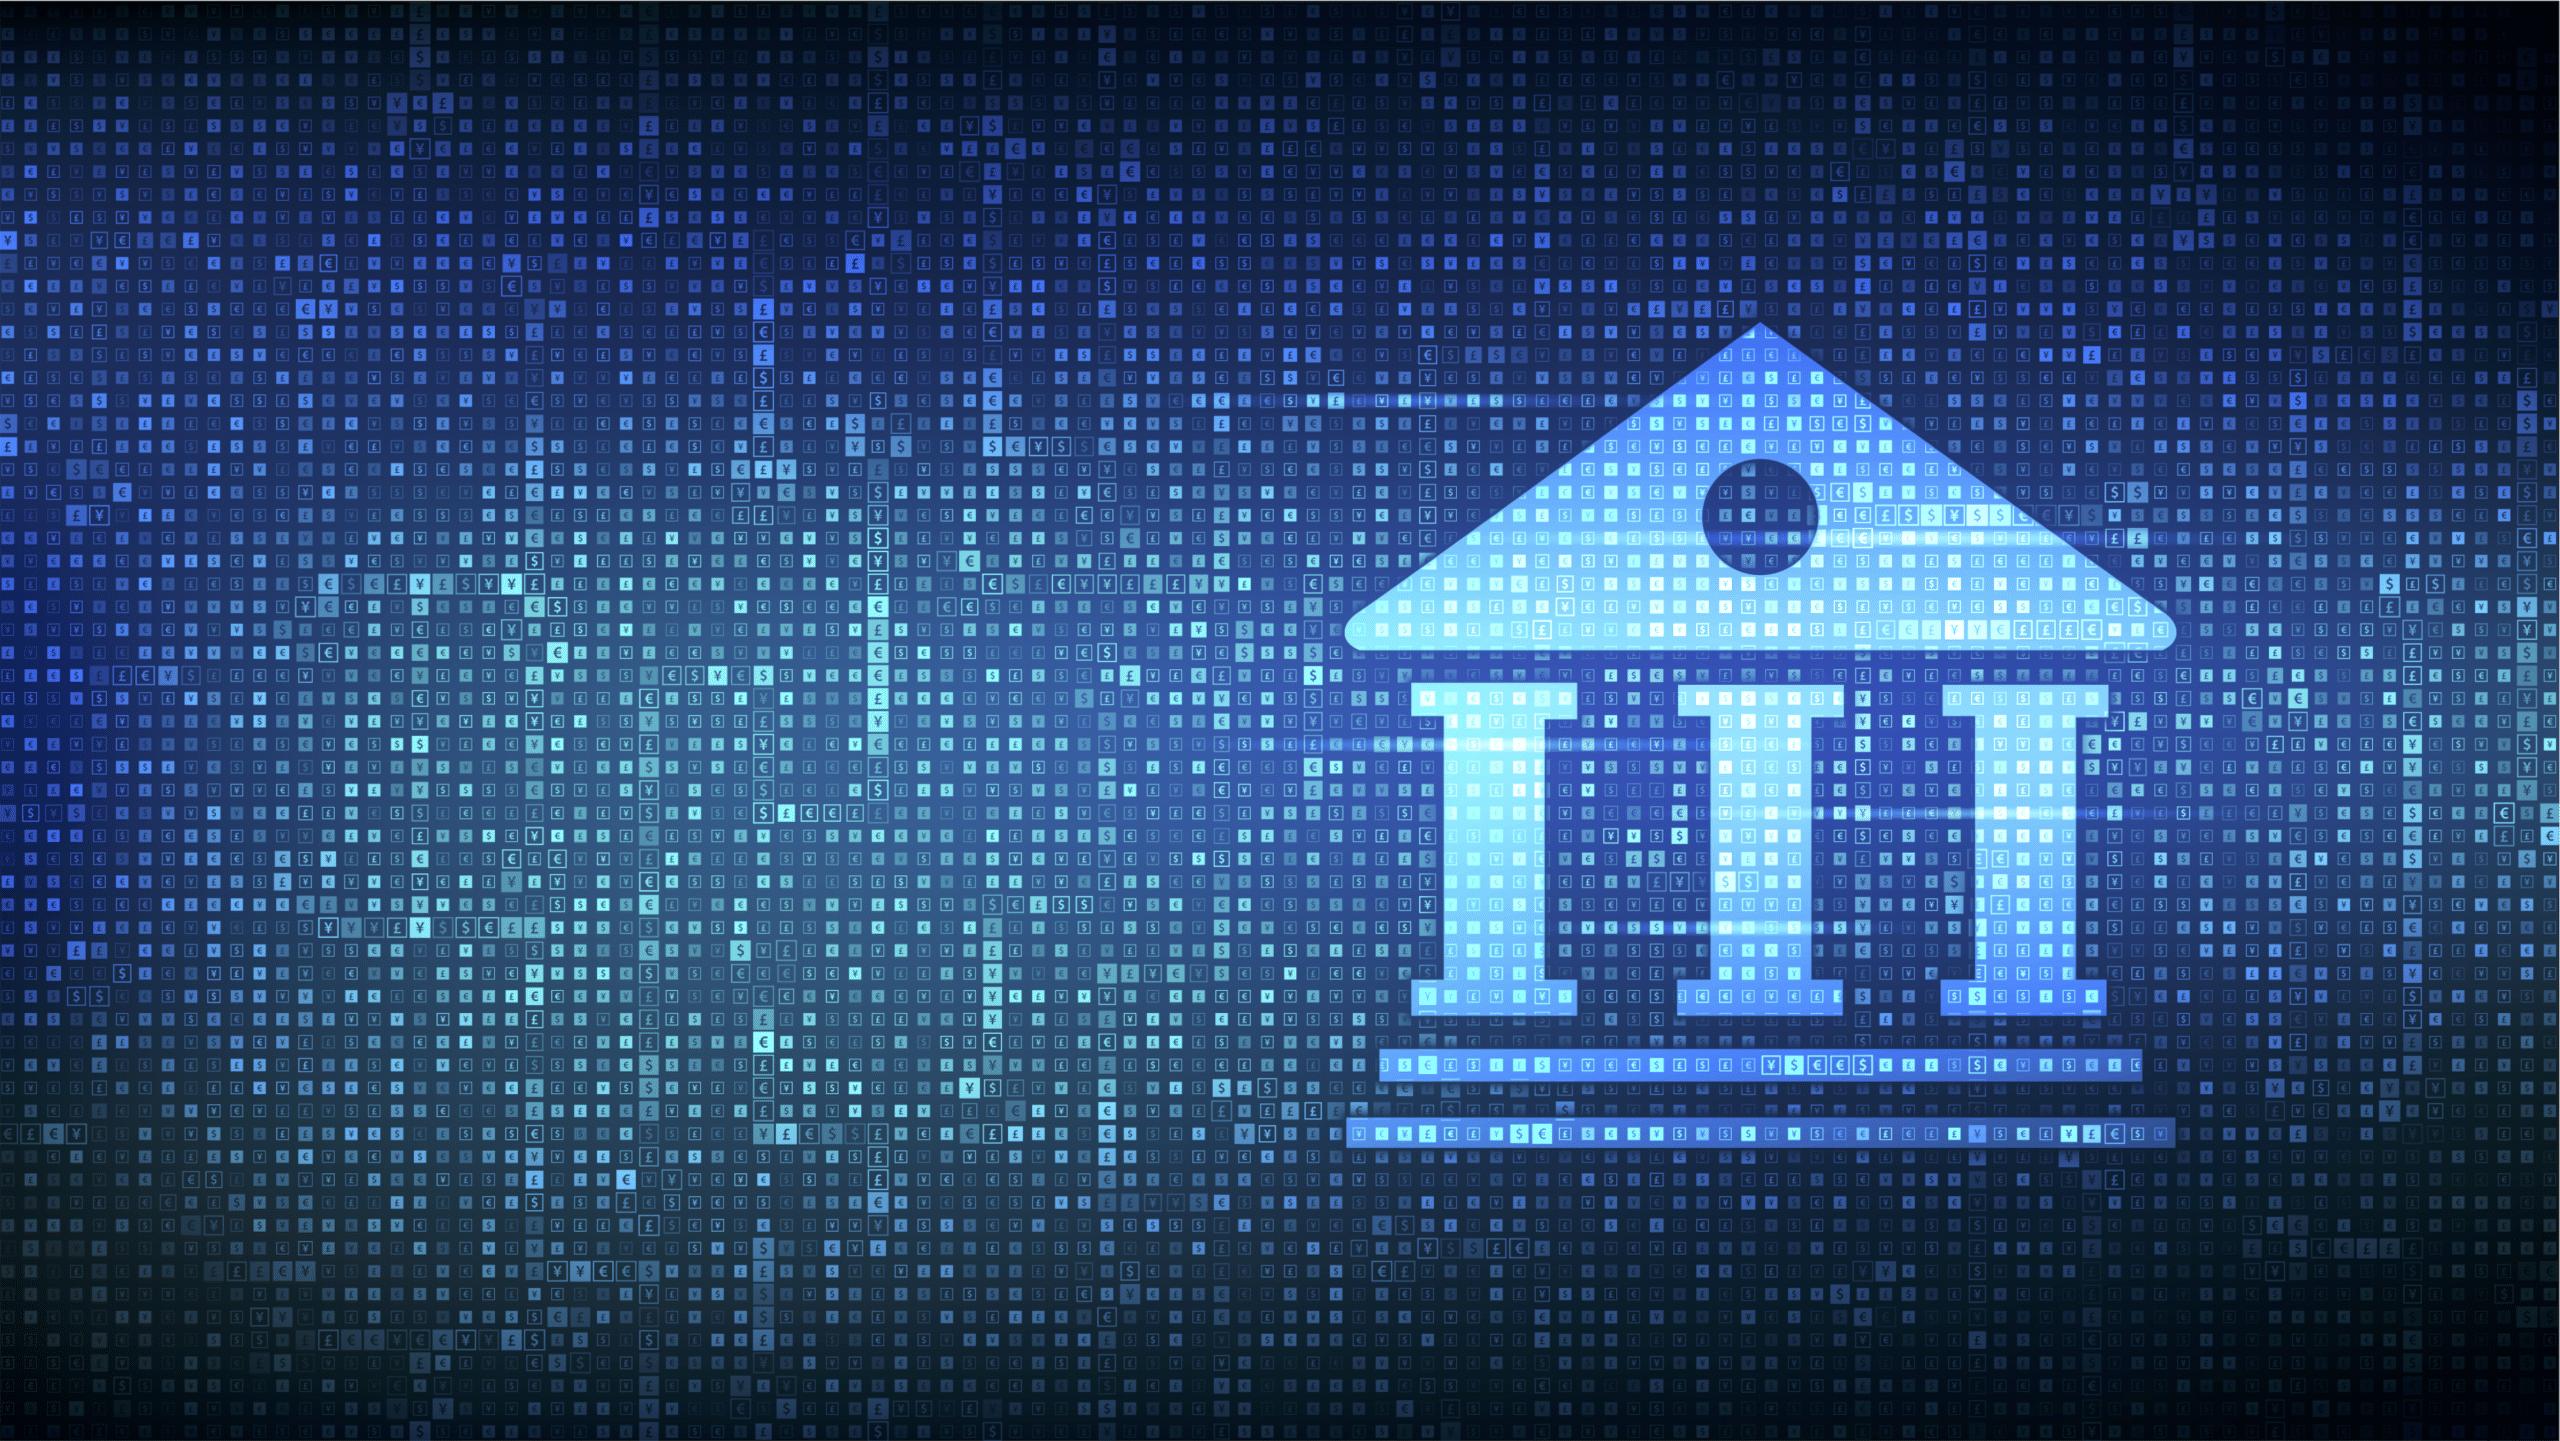 Aave $25 Million Fund, Blockchain Ventures Blockchain Capital Standard Crypto